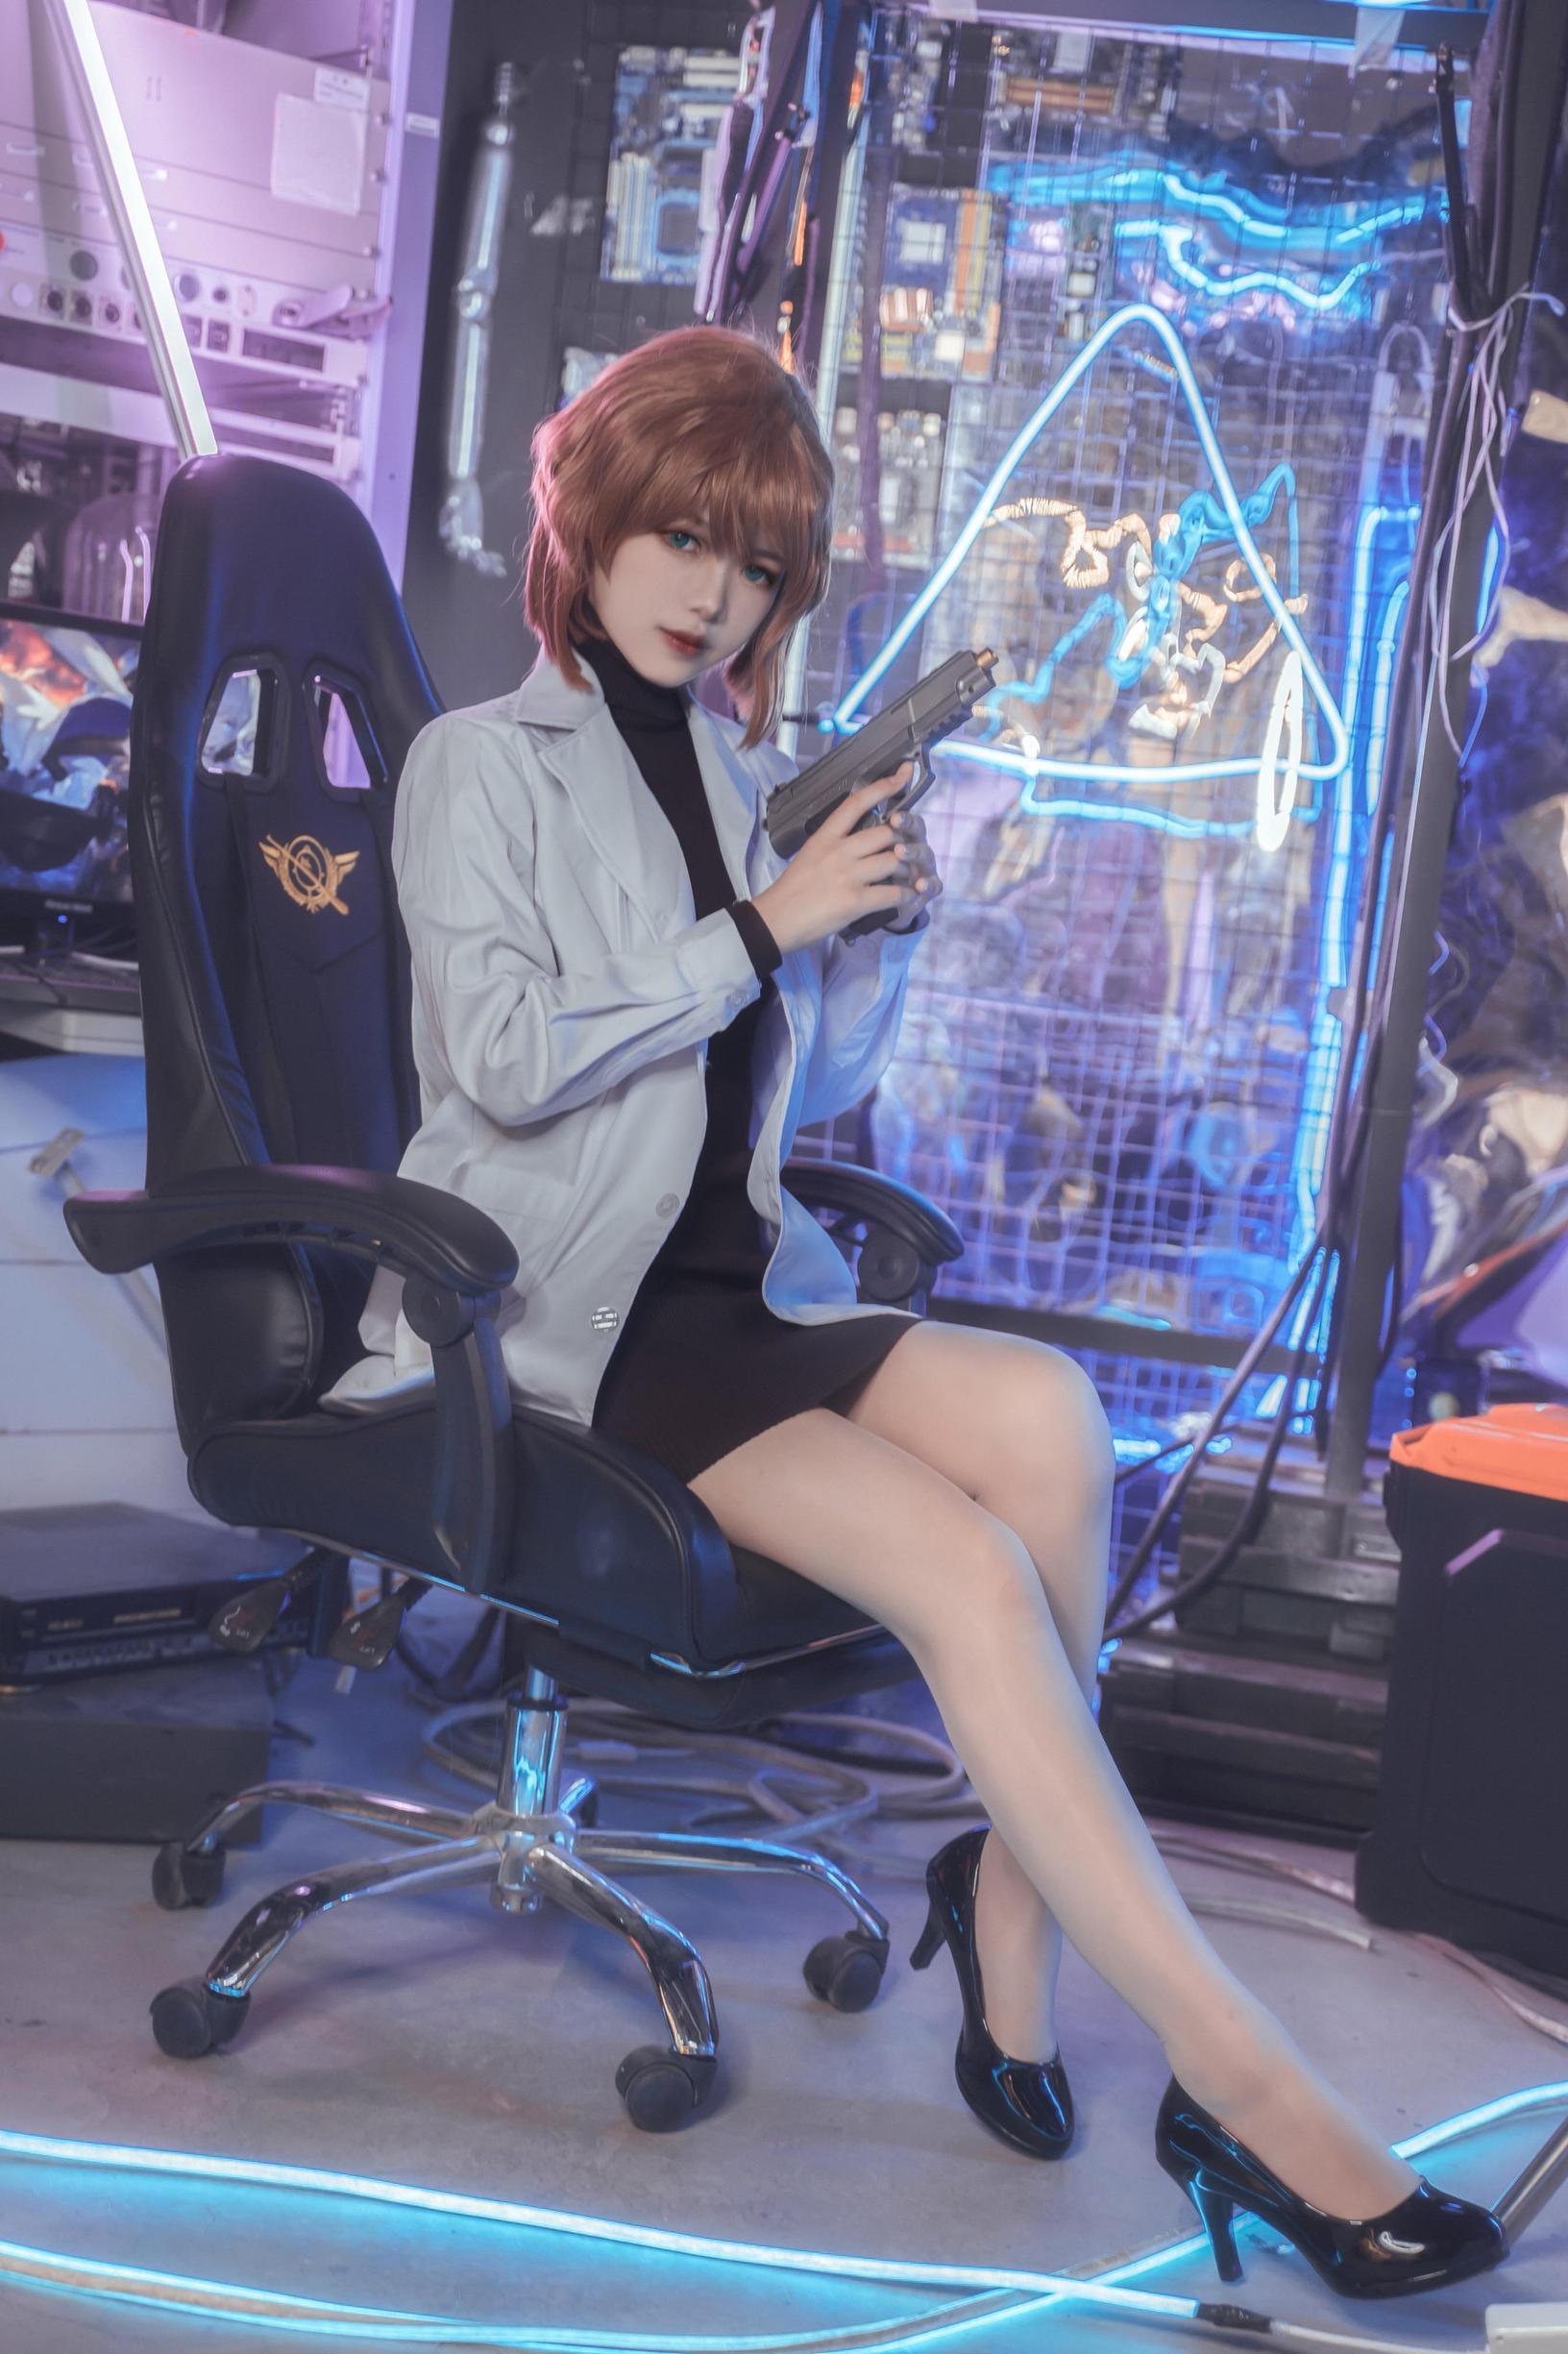 《名侦探柯南》正片cosplay【CN:兔酱_Usagi】 -lol风女cosplay图片插图